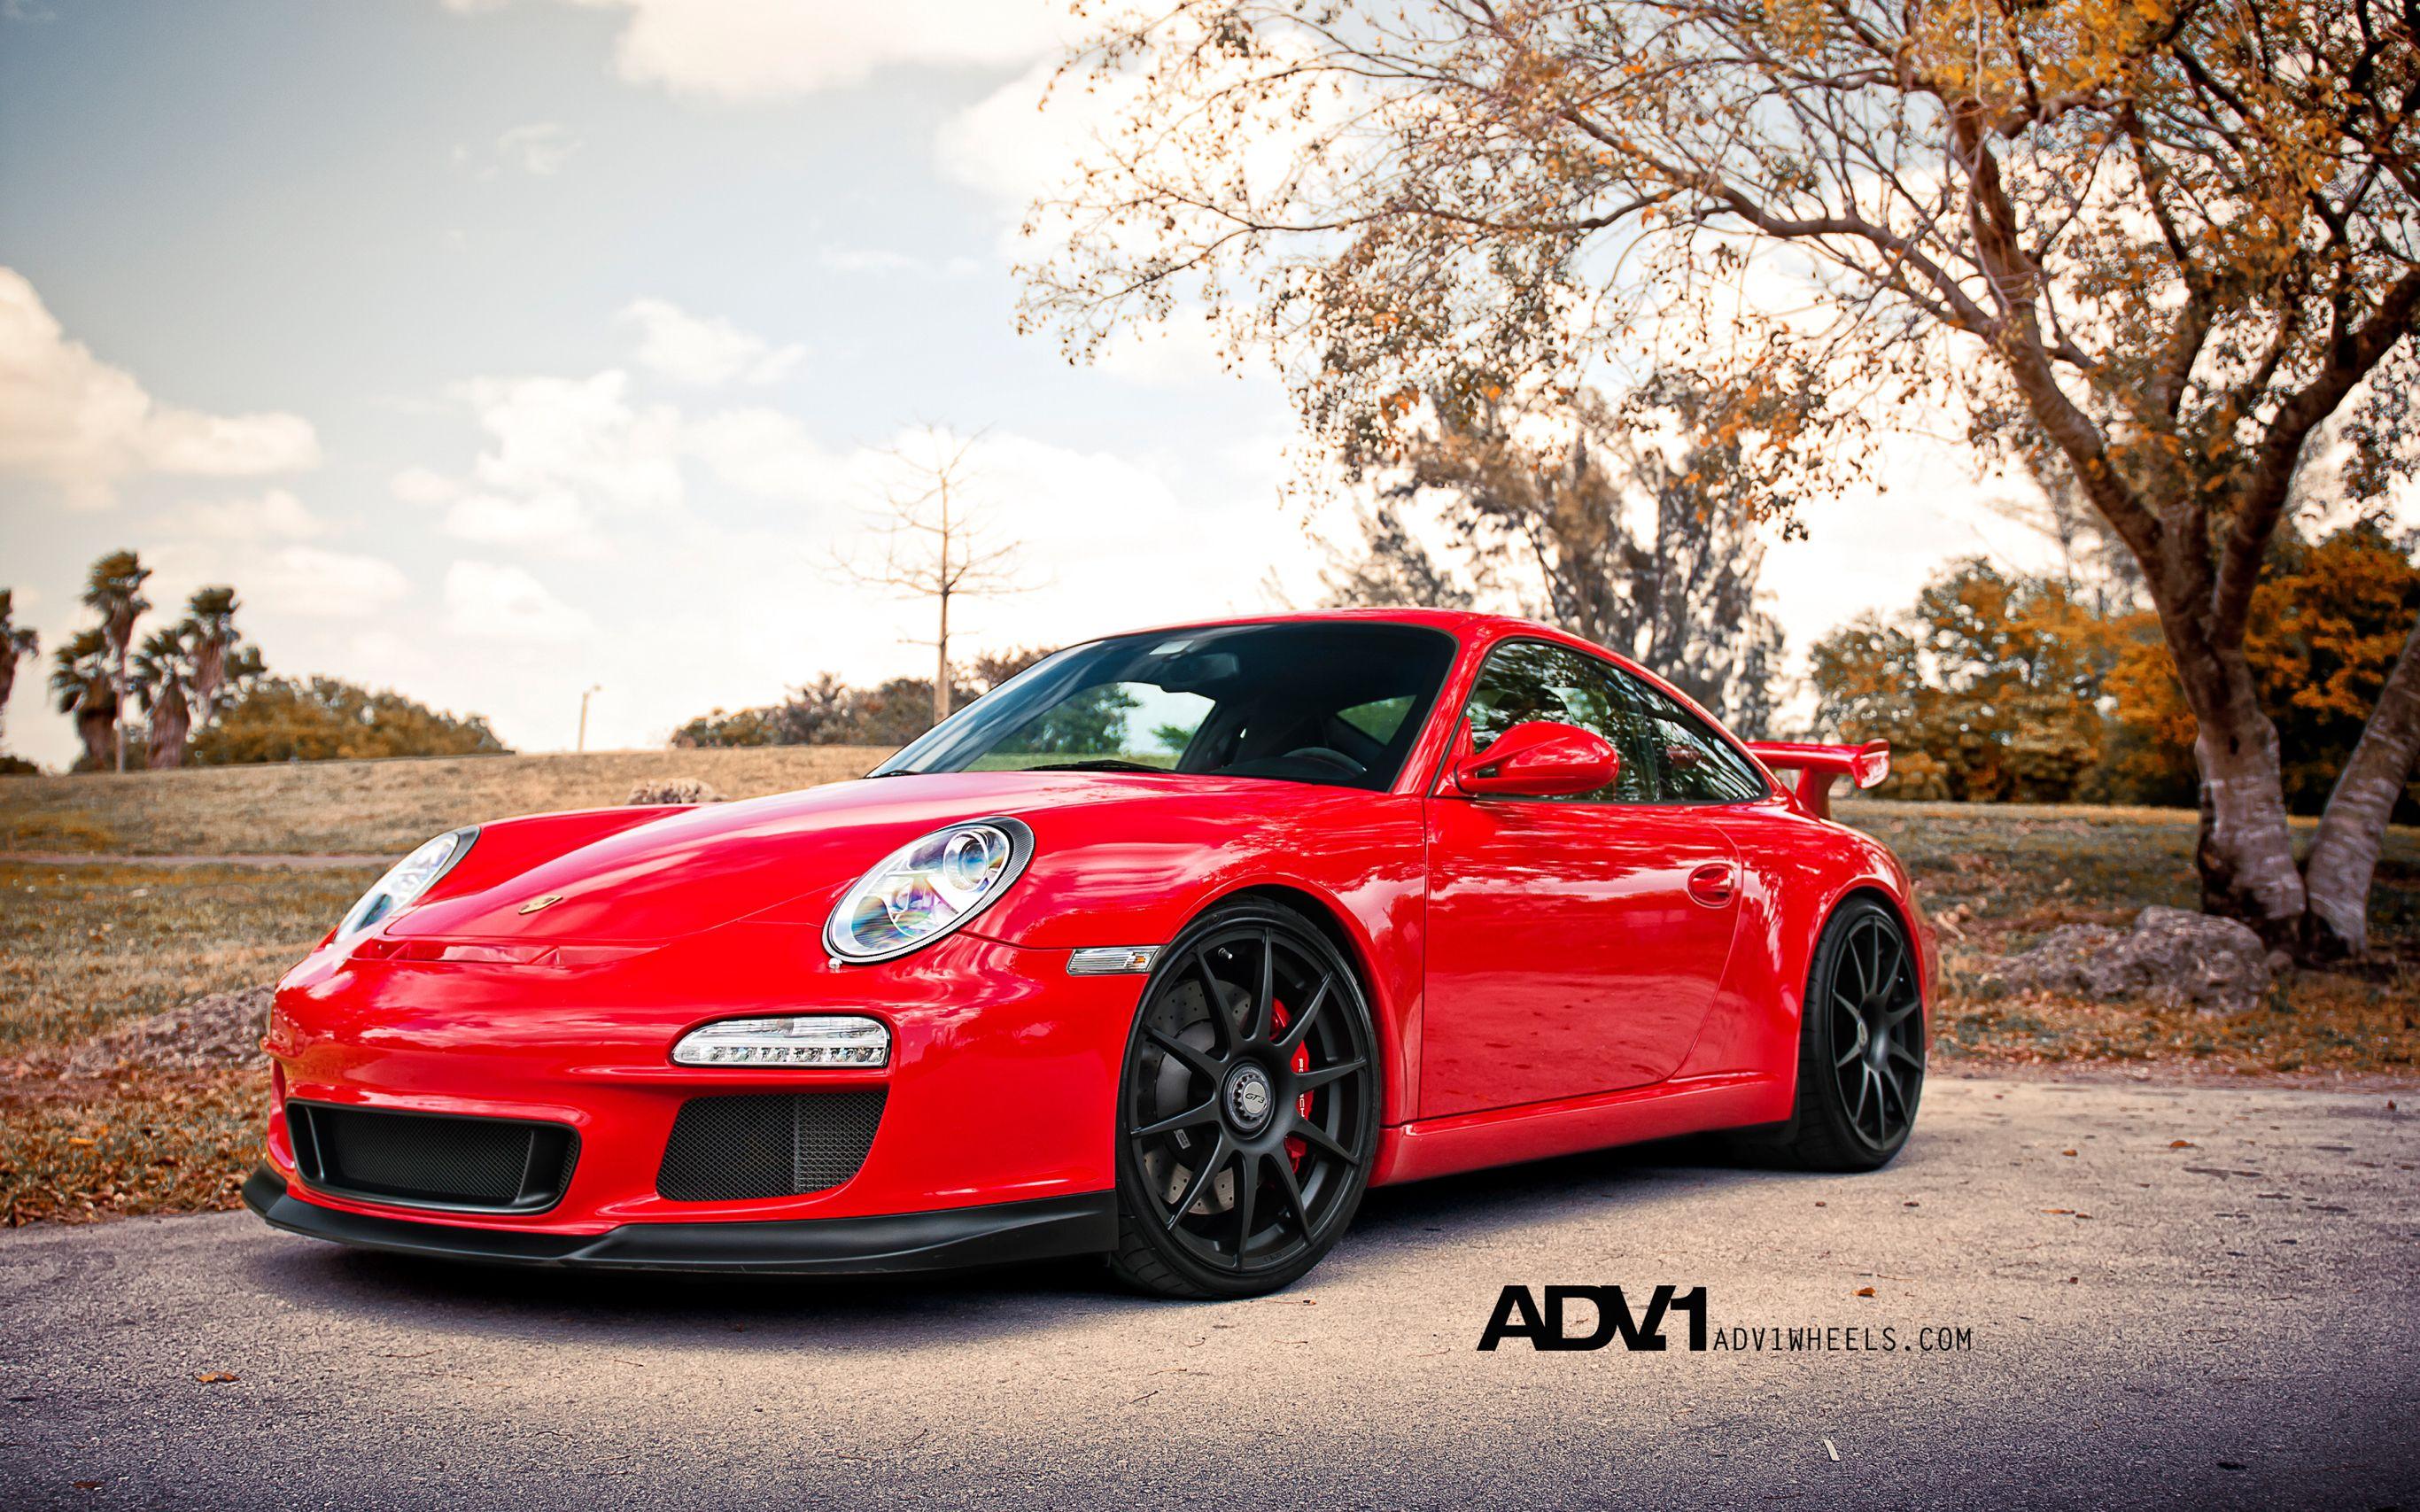 997 Gt3 With Images Porsche 911 Gt3 Porsche Gt3 Porsche Cars